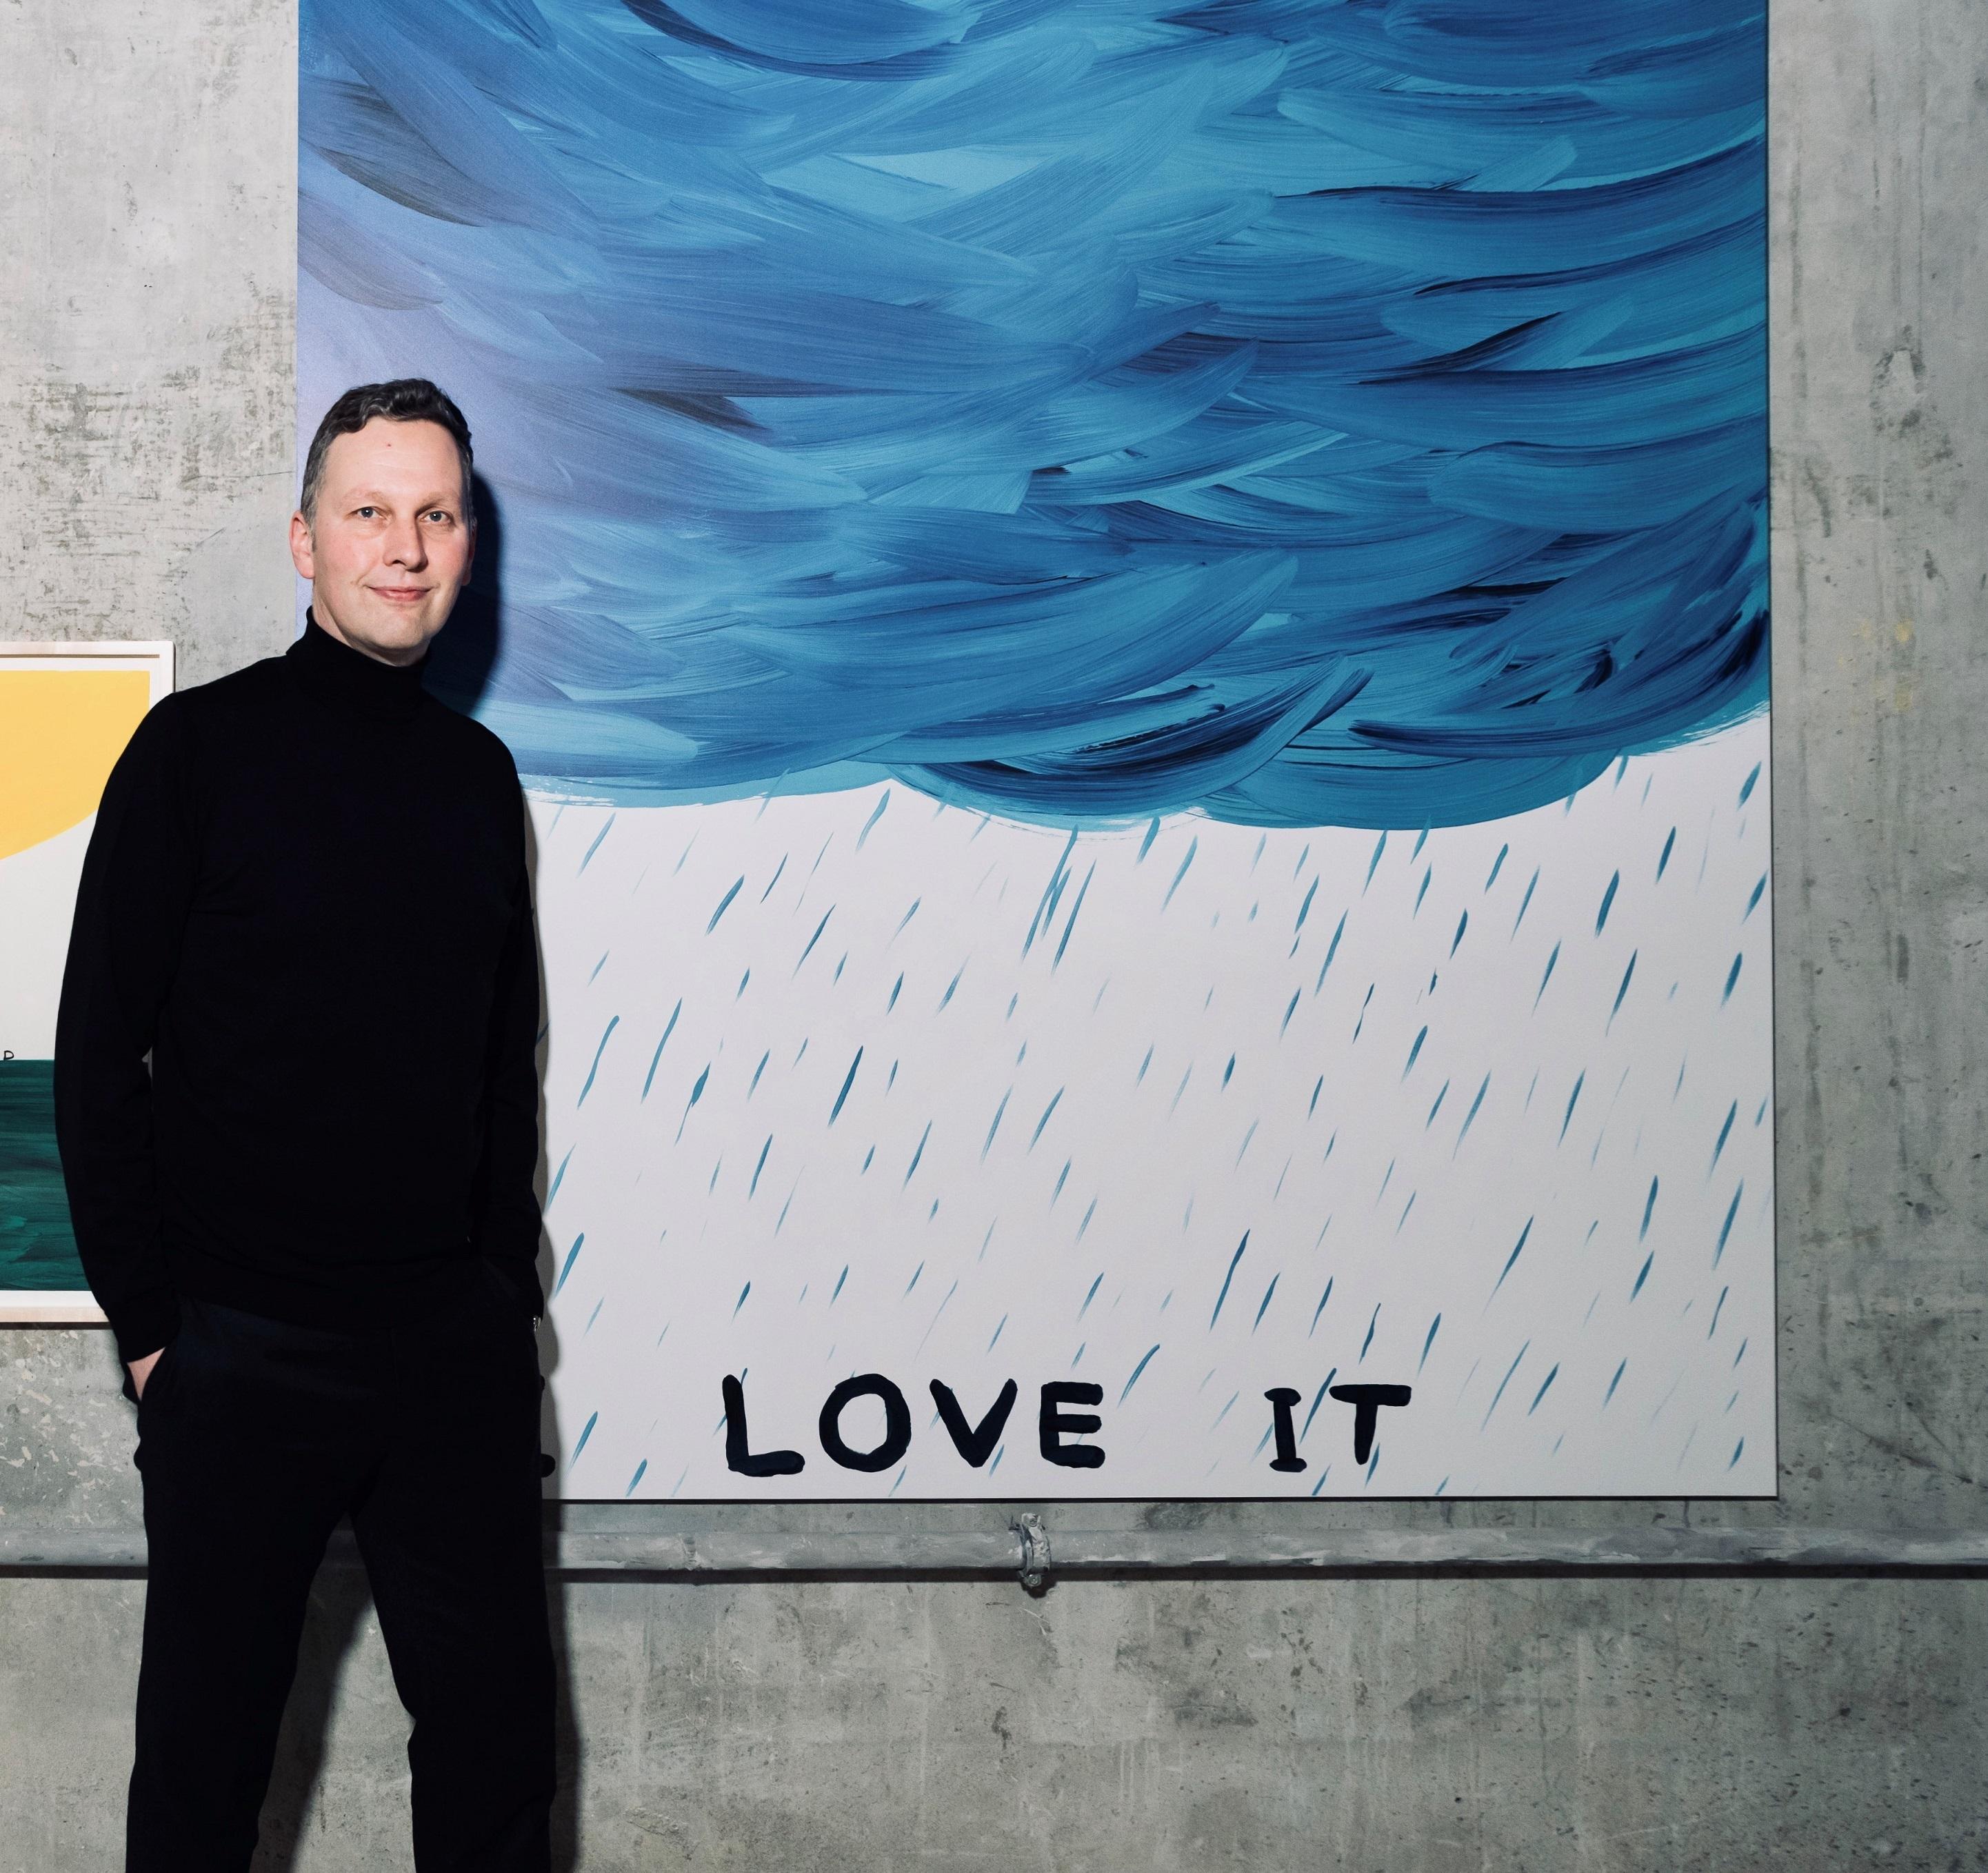 今回のコラボレーション・アーティストに選ばれた、デイヴィッド シュリグリー。英国のお国柄を反映したような、ユーモアあふれる作品が多い。© David Shrigley x Ruinart